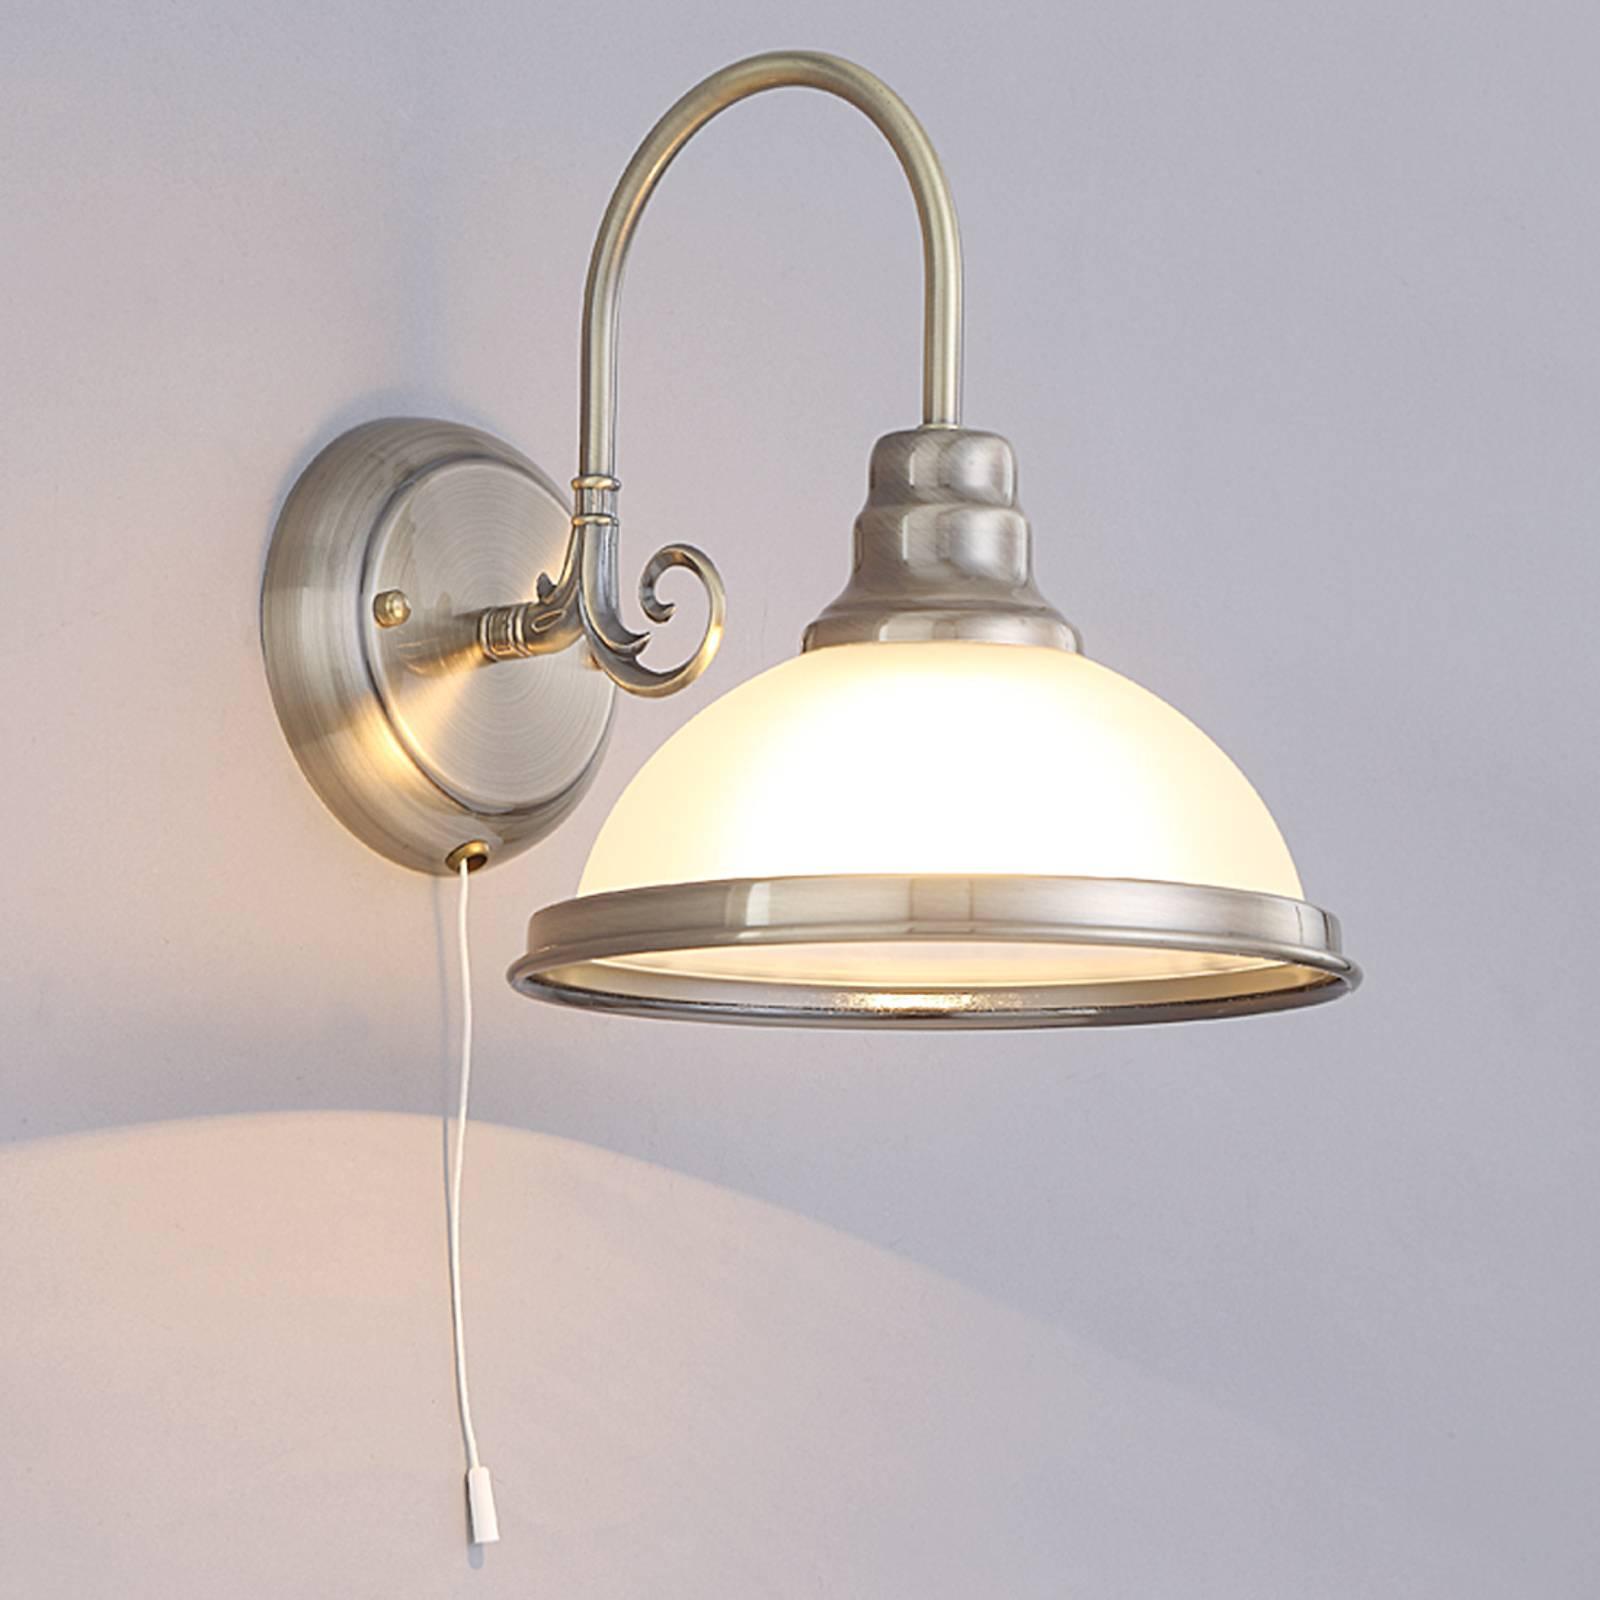 Klassiek aandoende wandlamp Alicia